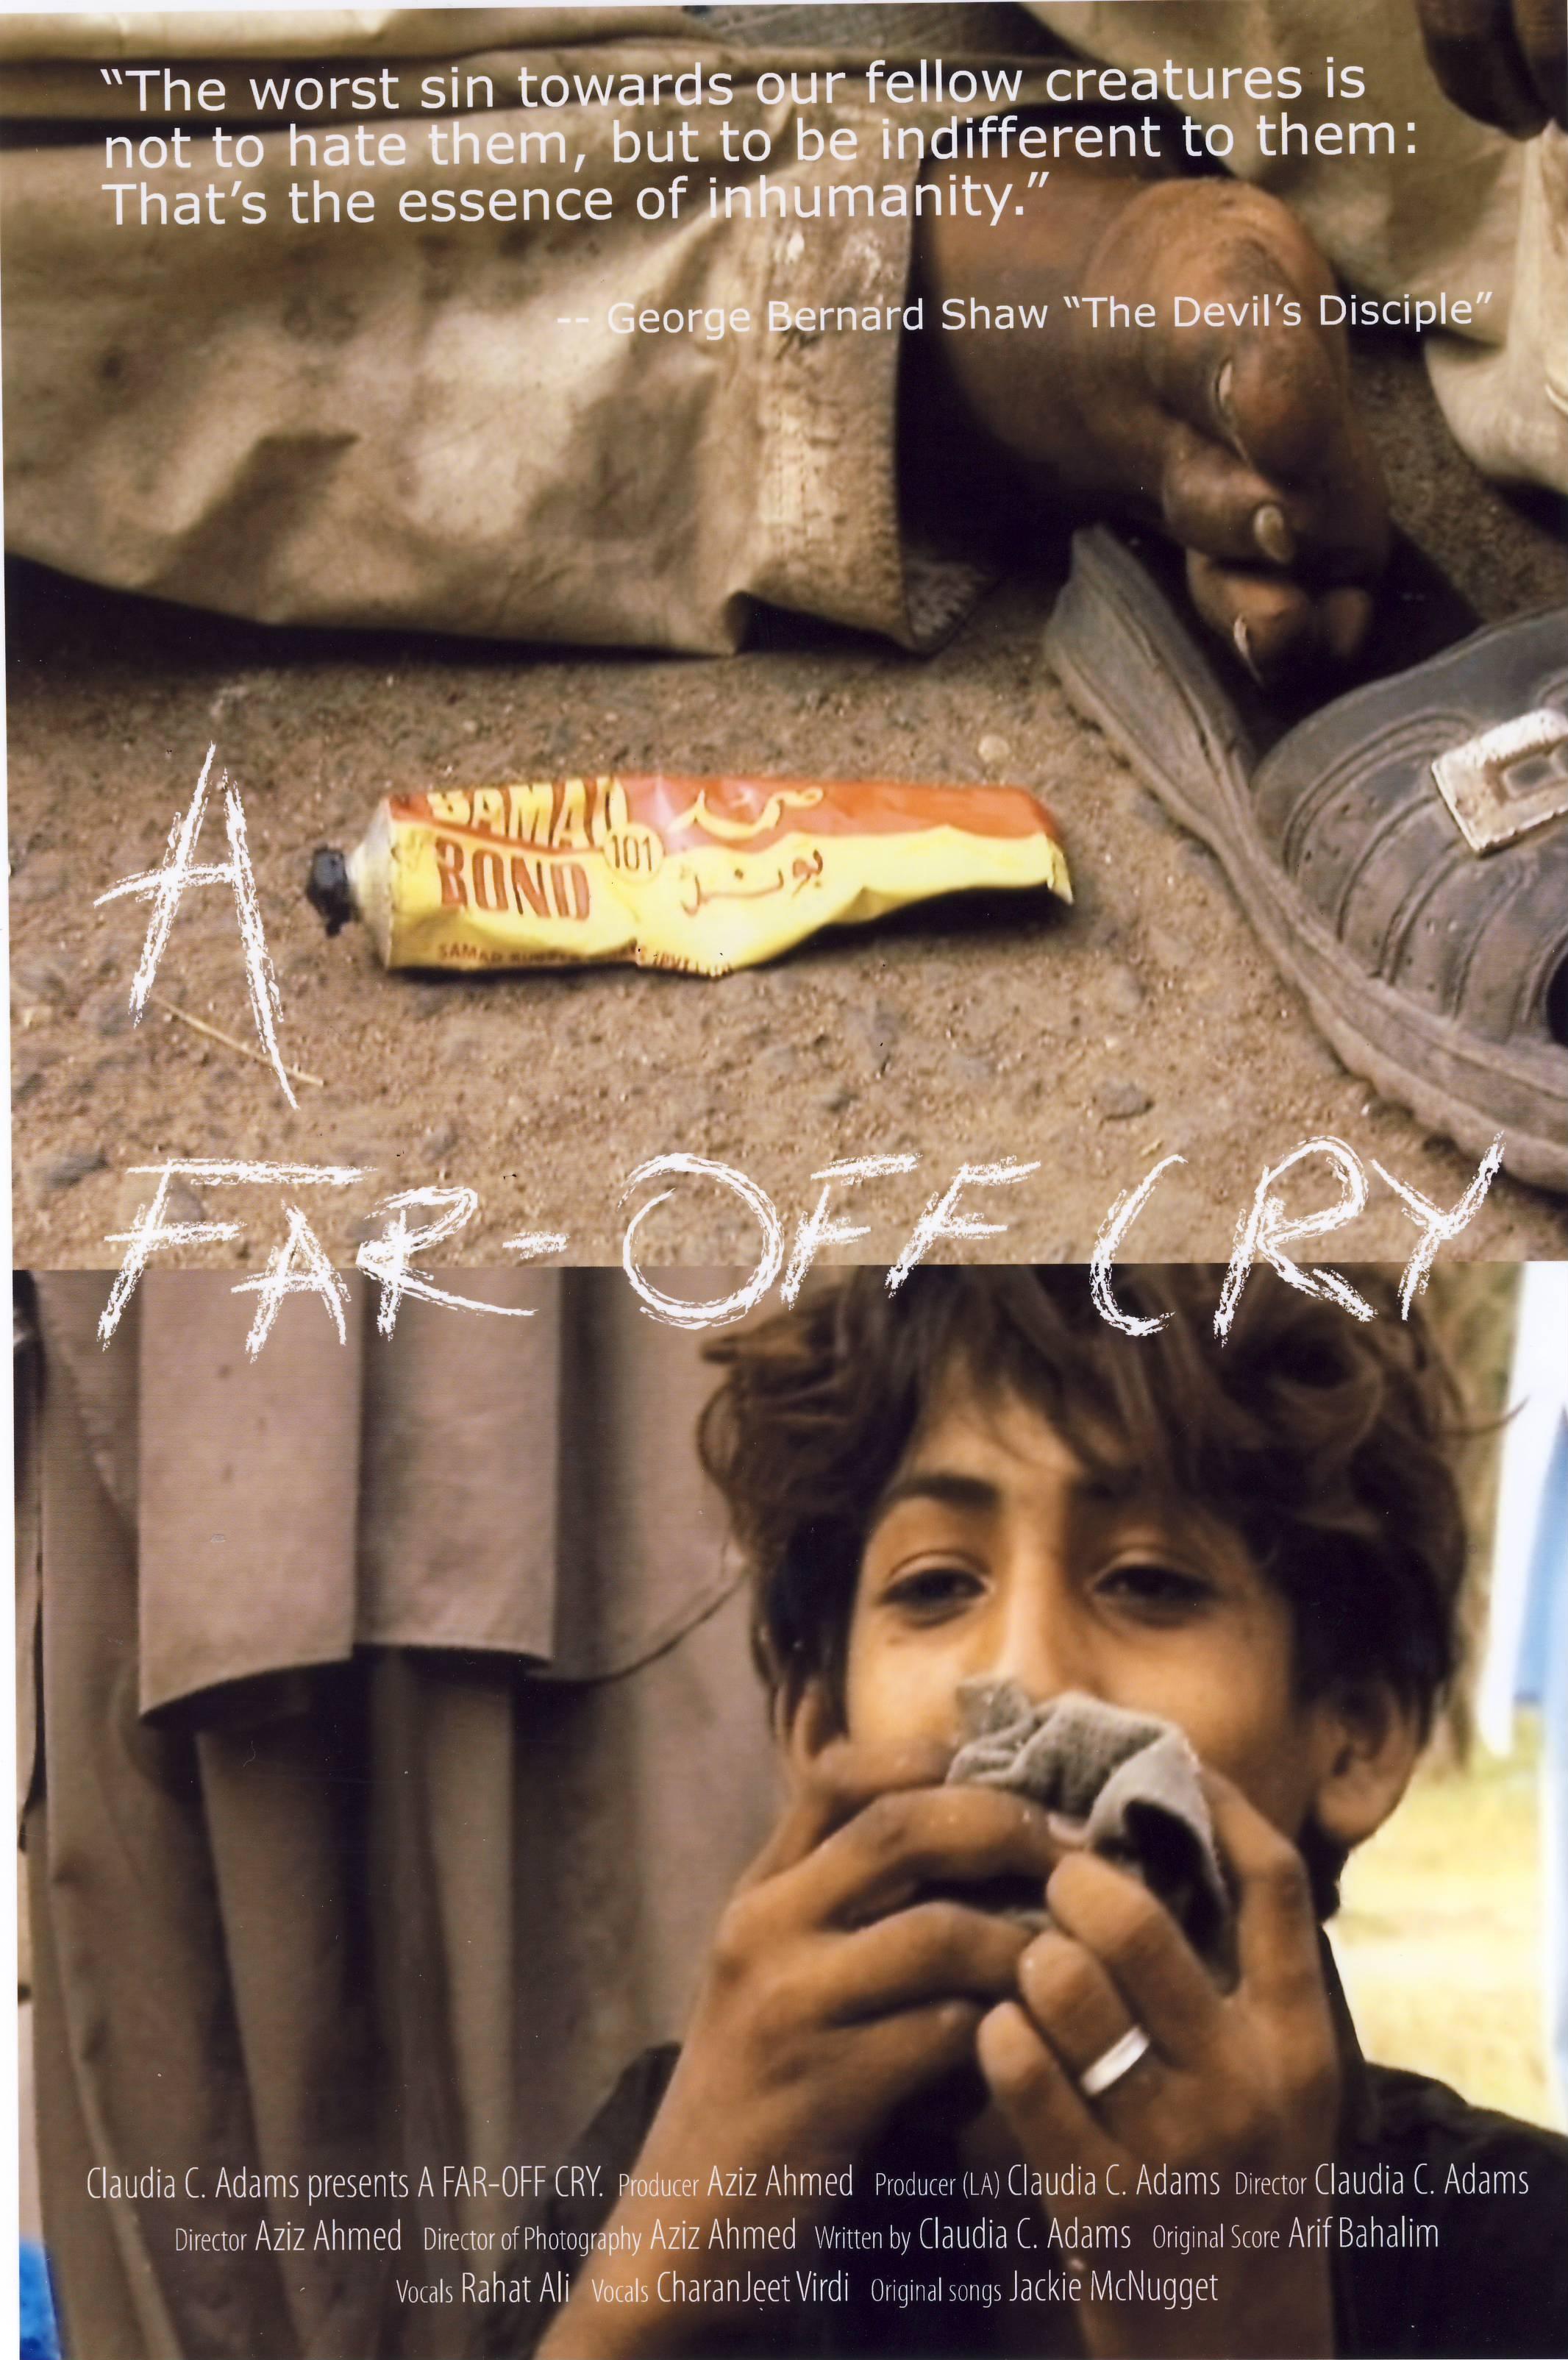 A Far-Off Cry